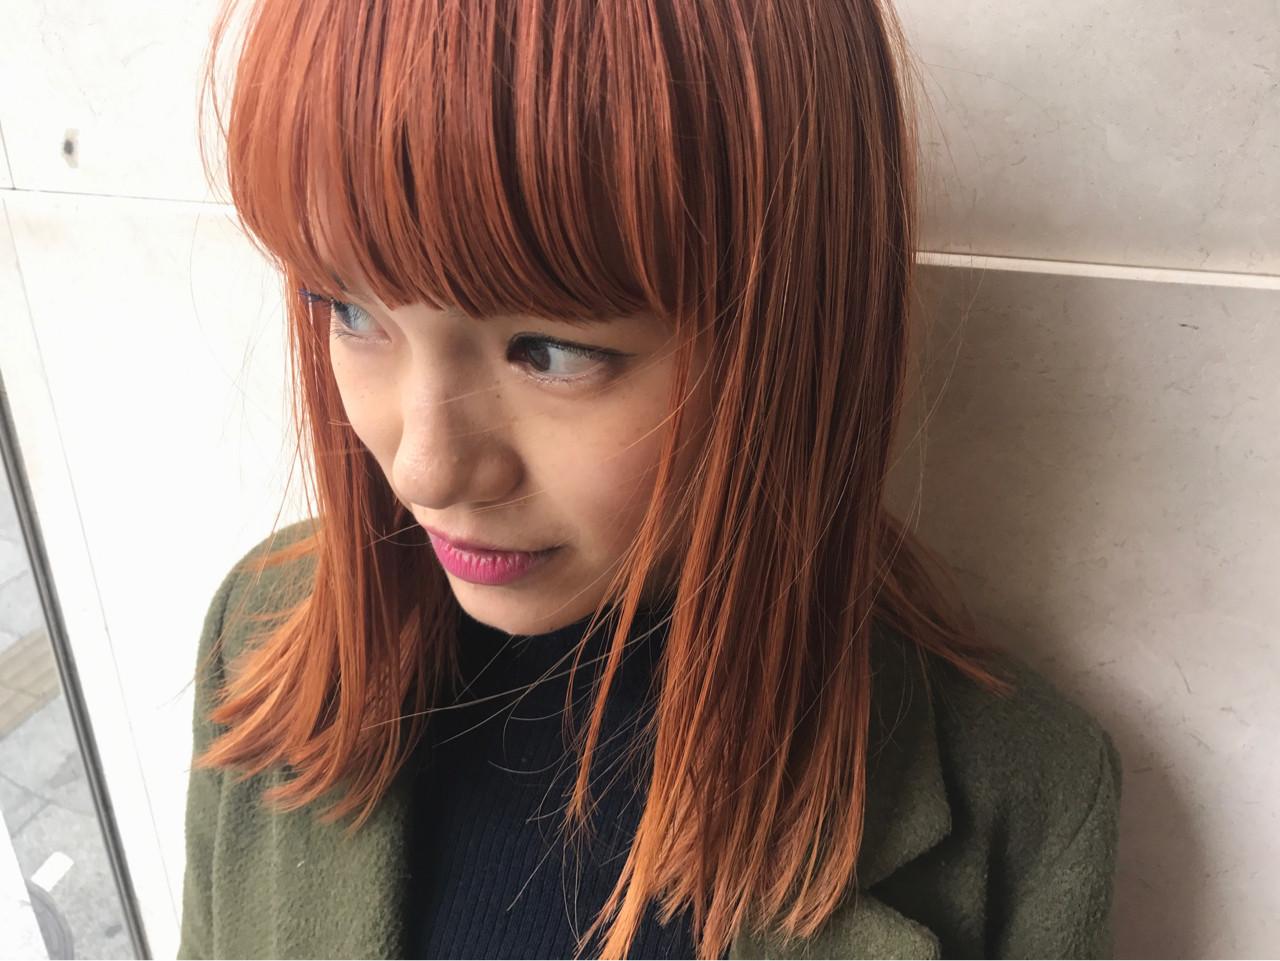 前髪あり ストリート ダブルカラー オレンジベージュ ヘアスタイルや髪型の写真・画像 | 野間祐樹 / HAIR'S Lunetta (ヘアーズ ルネッタ)